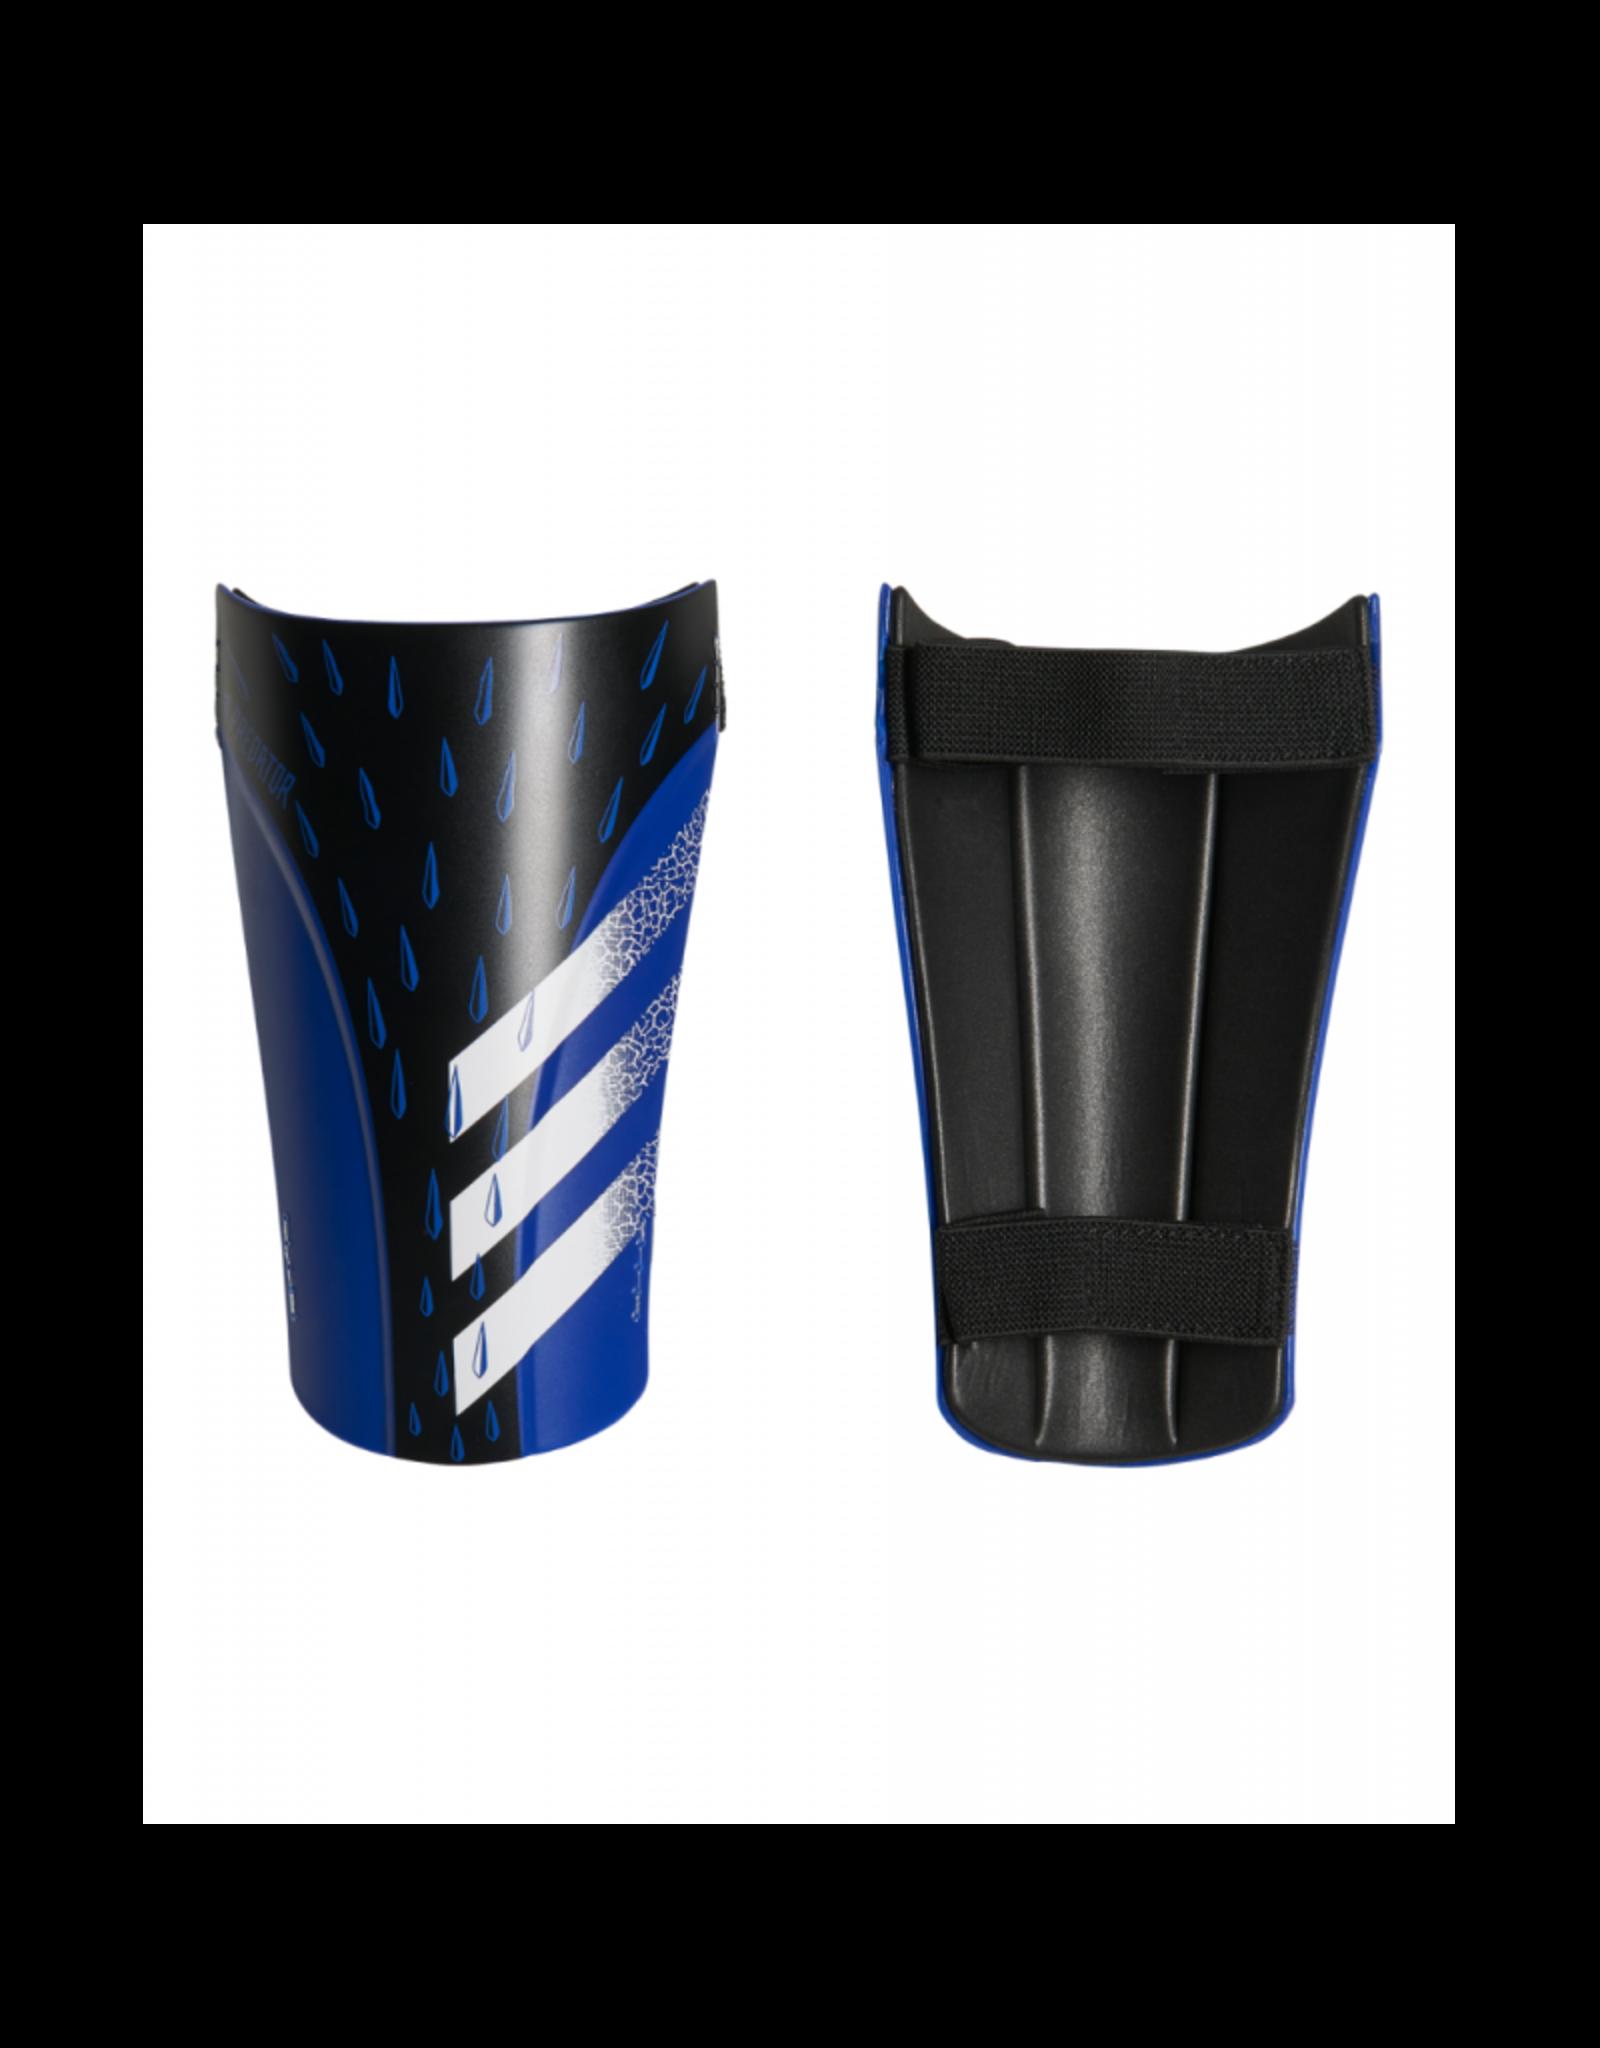 Adidas ADI PRED SG TRN (RYL BLU/BLK)